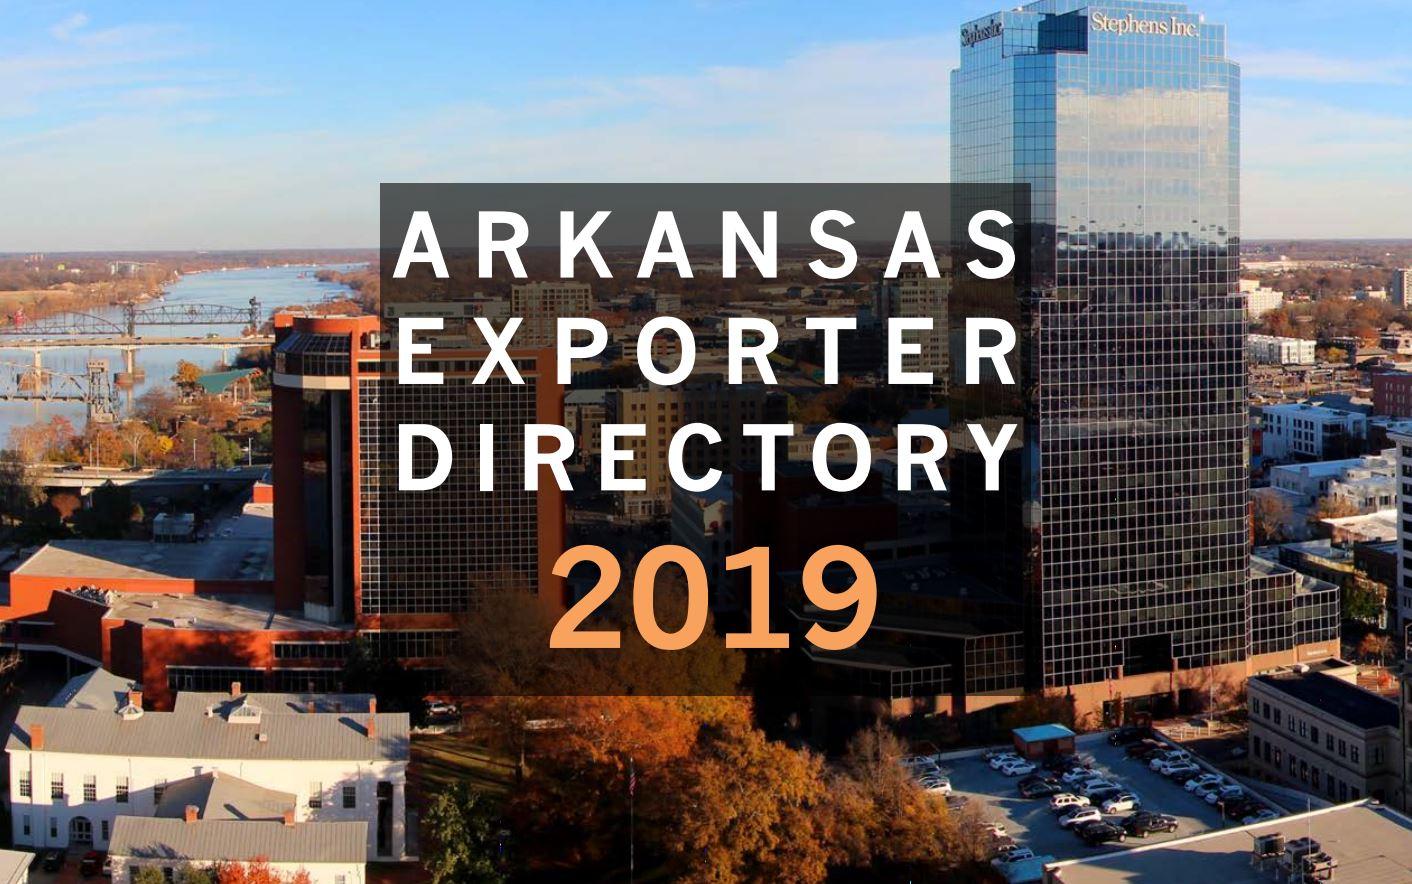 Arkansas Exporter Directory 2019